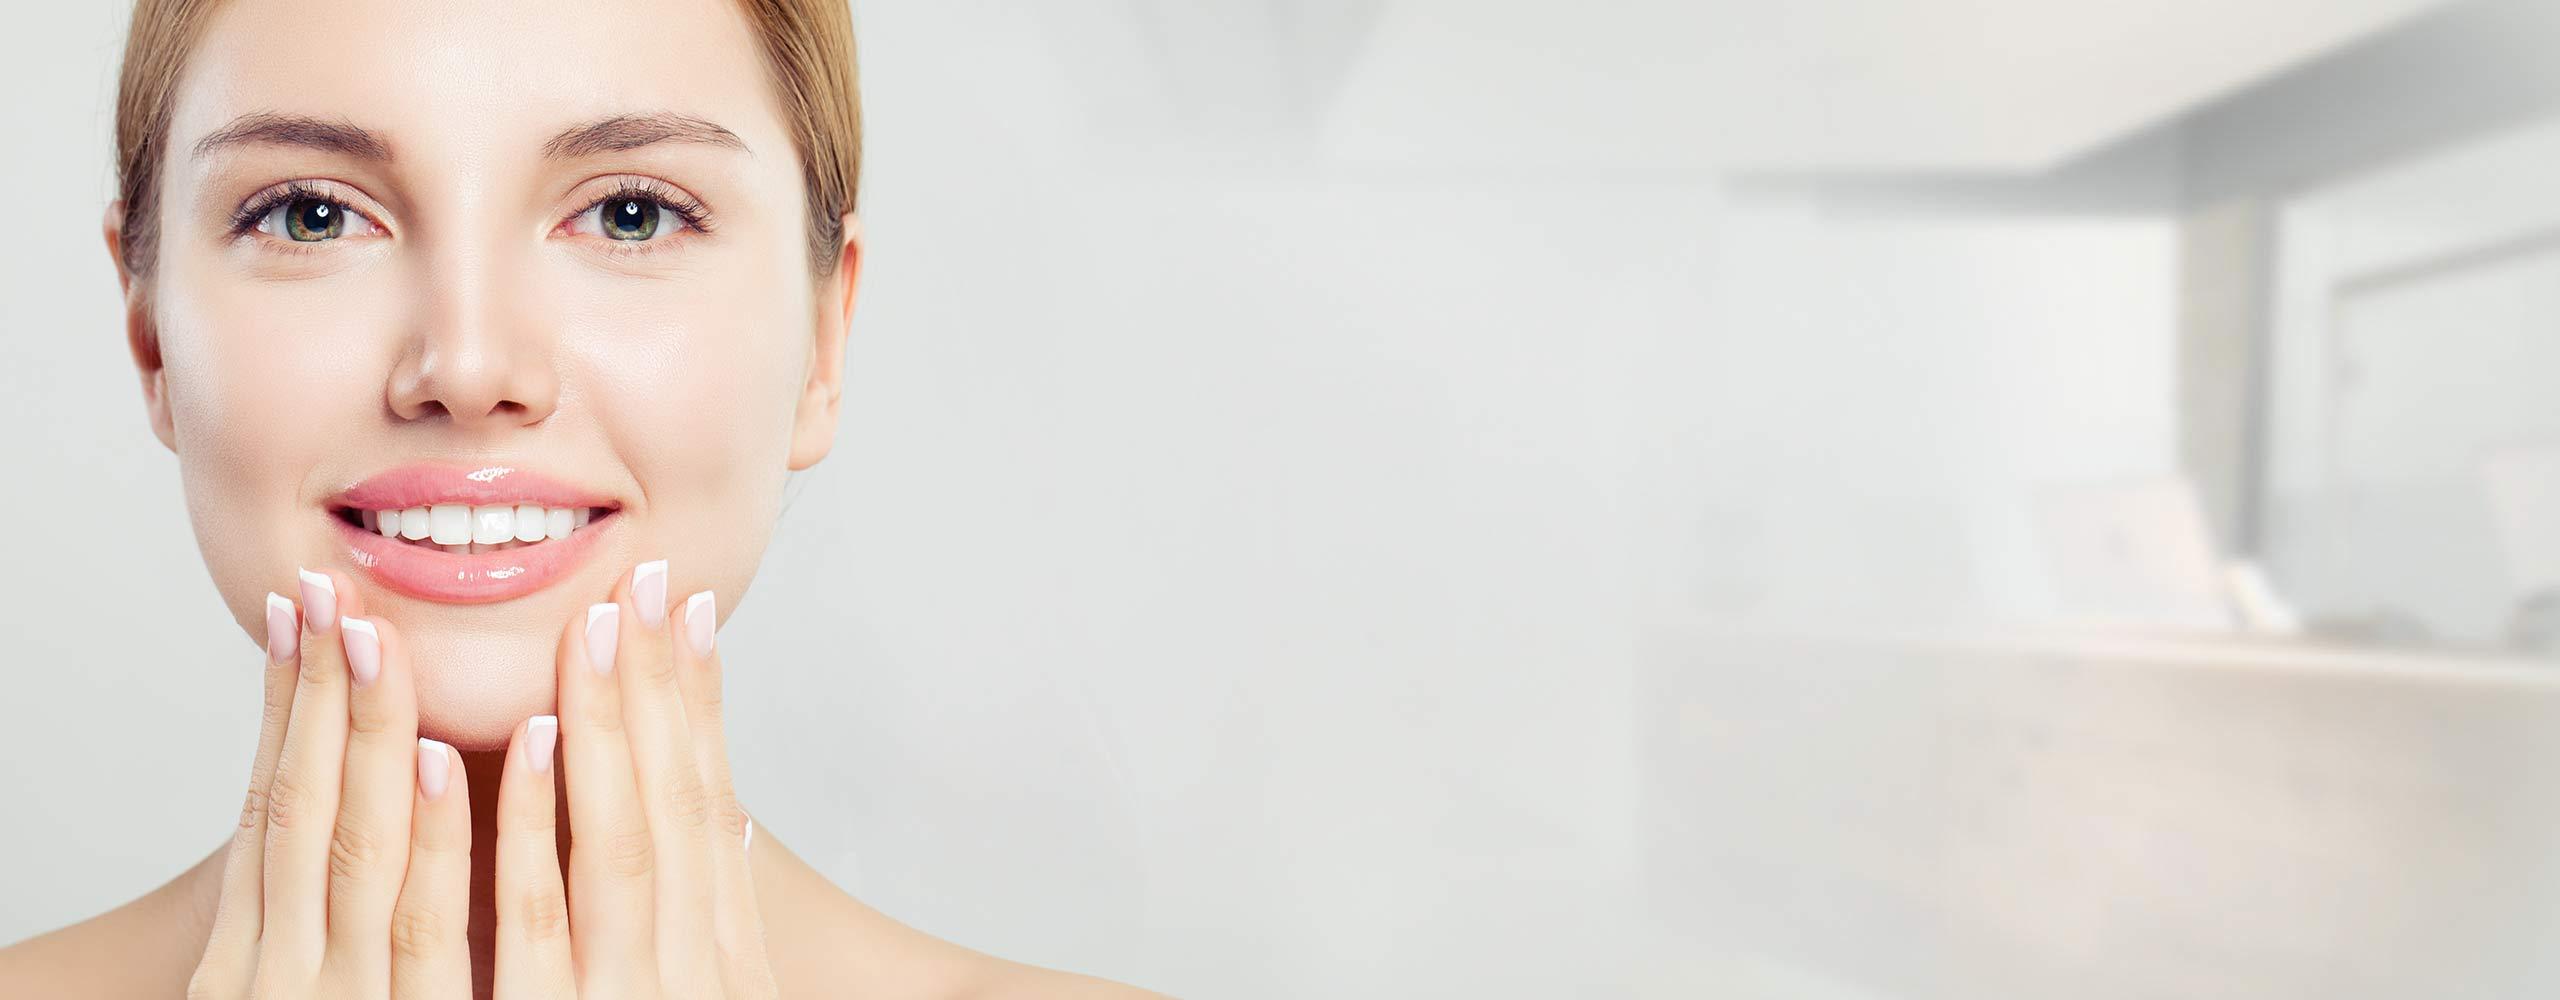 zahnarztpraxis heidelberg veneers schoenheitsklinik proaesthetic header